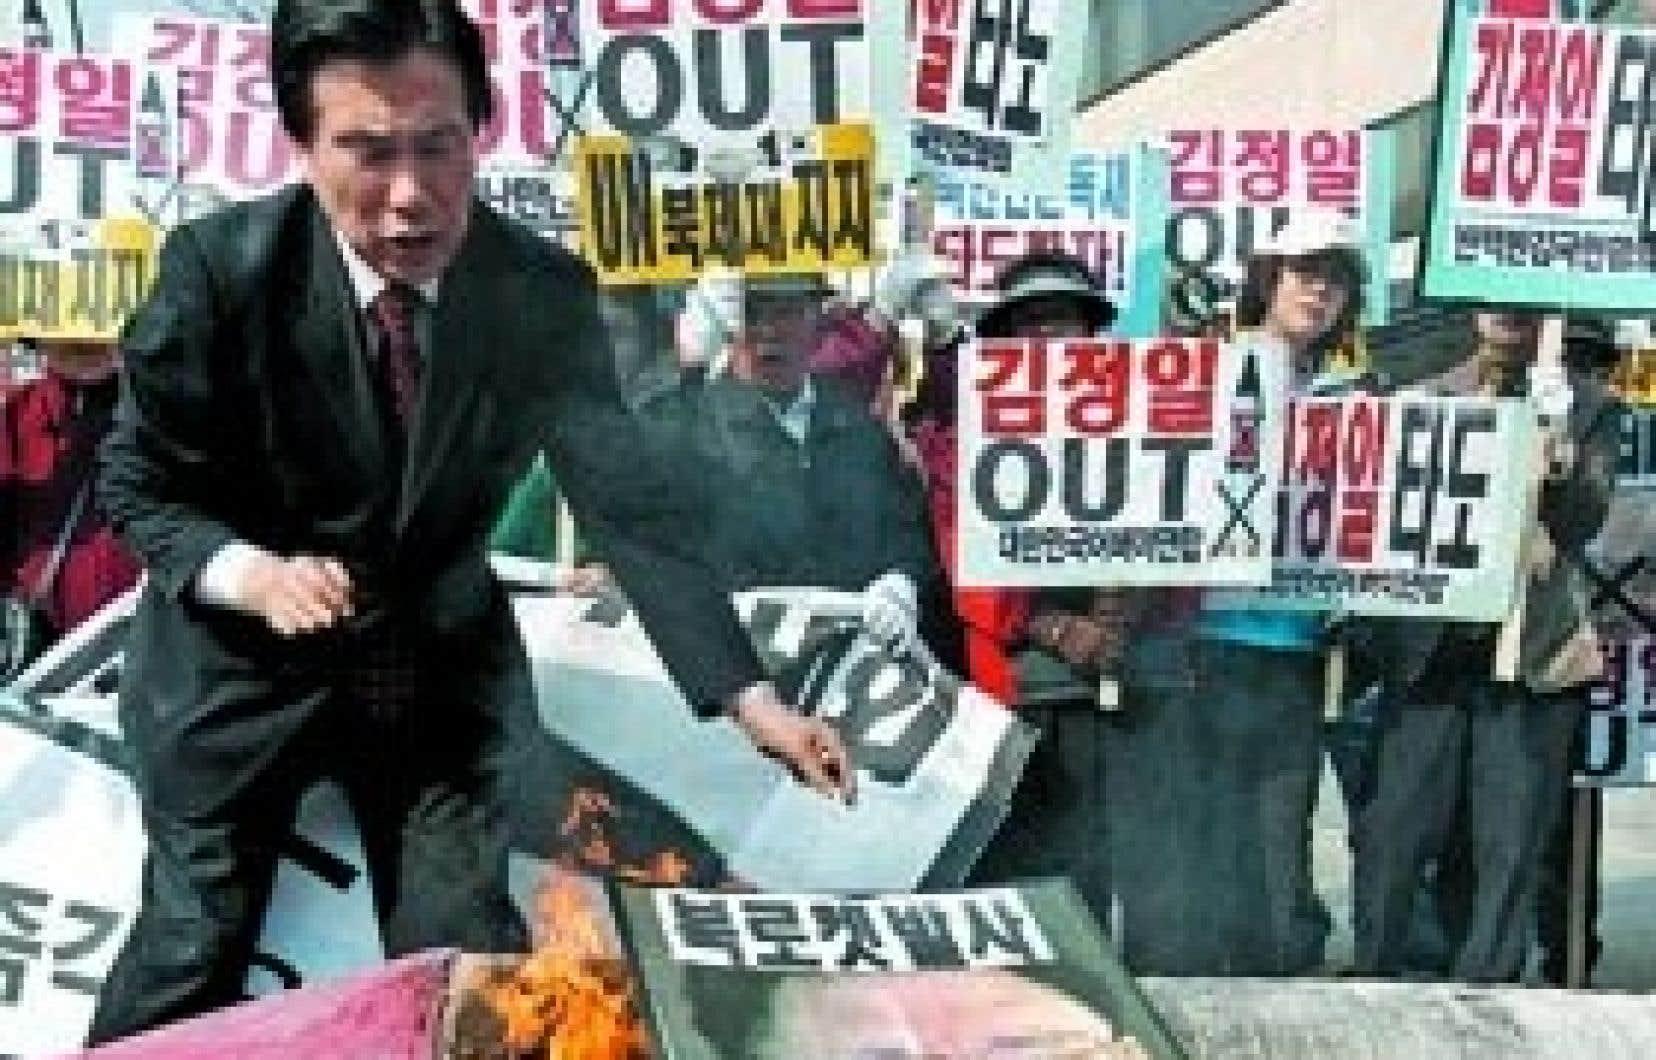 Des manifestants ont brûlé une photo du leader nord-coréen Kim Jong-il, hier à Séoul, en Corée du Sud pour protester contre le lancement par Pyongyang d'une fusée à longue portée.